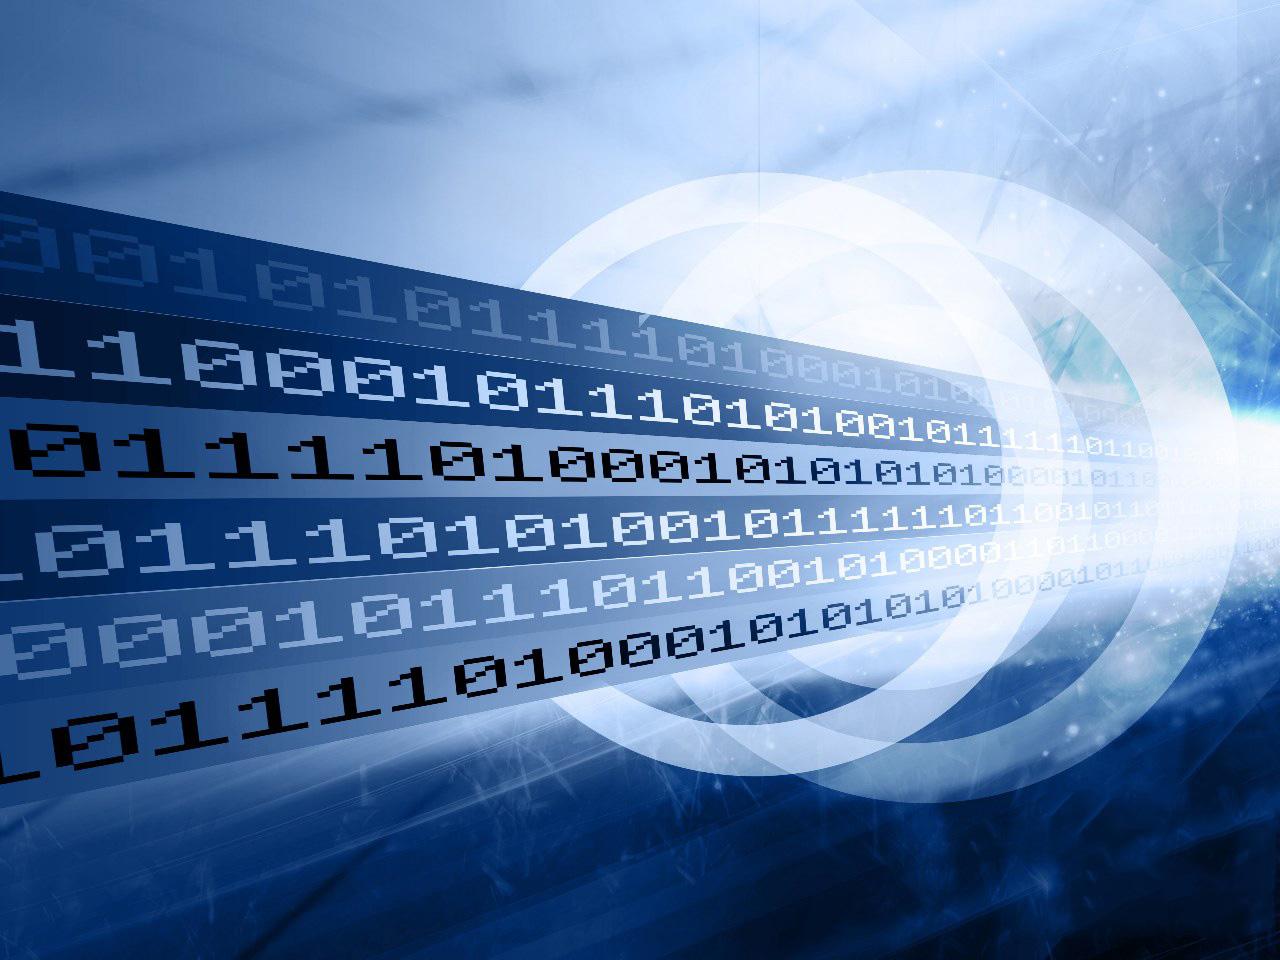 شبکه ملی اطلاعات چیست و چه فایدهای دارد؟